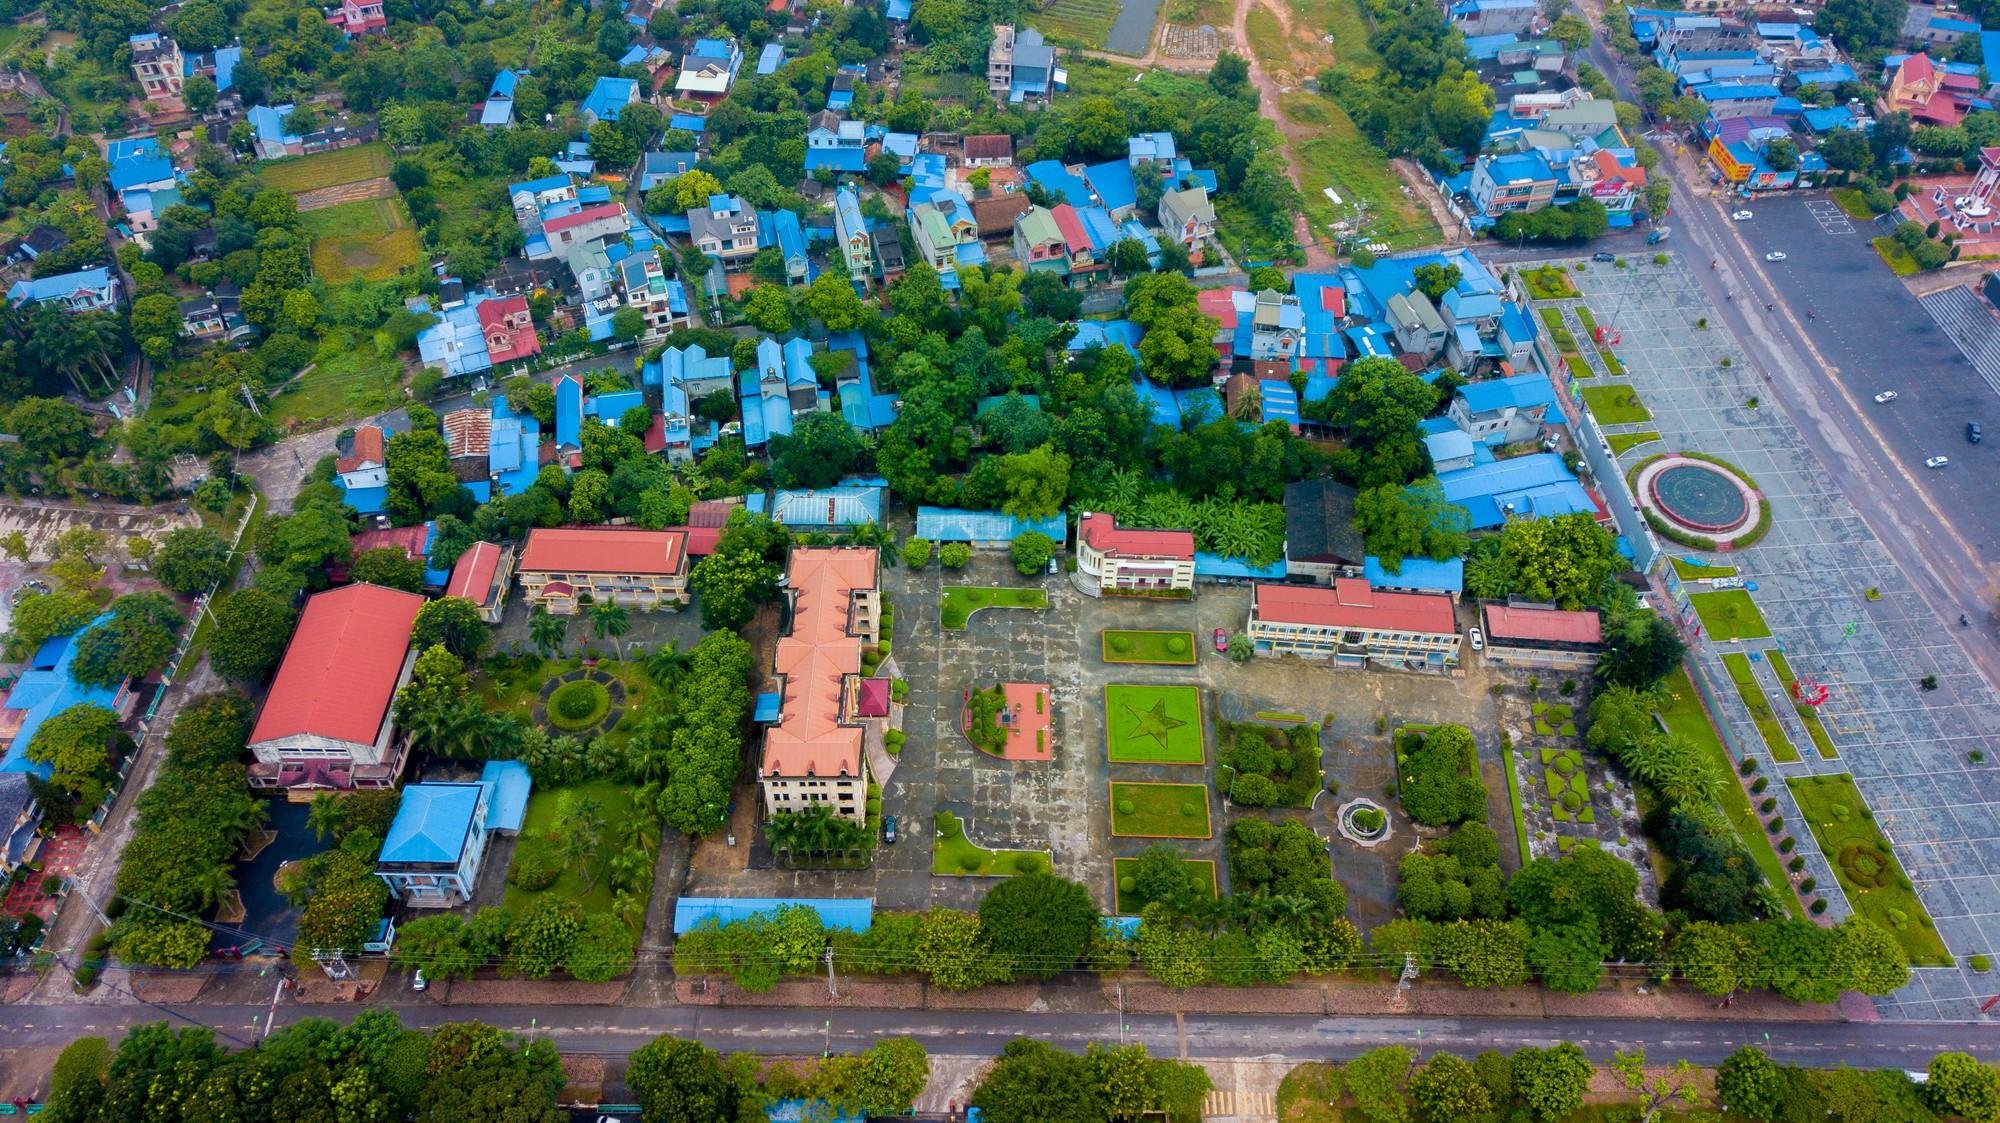 TP Sông Công duyệt quy hoạch khu đô thị Bá Xuyên hơn 14 ha - Ảnh 1.